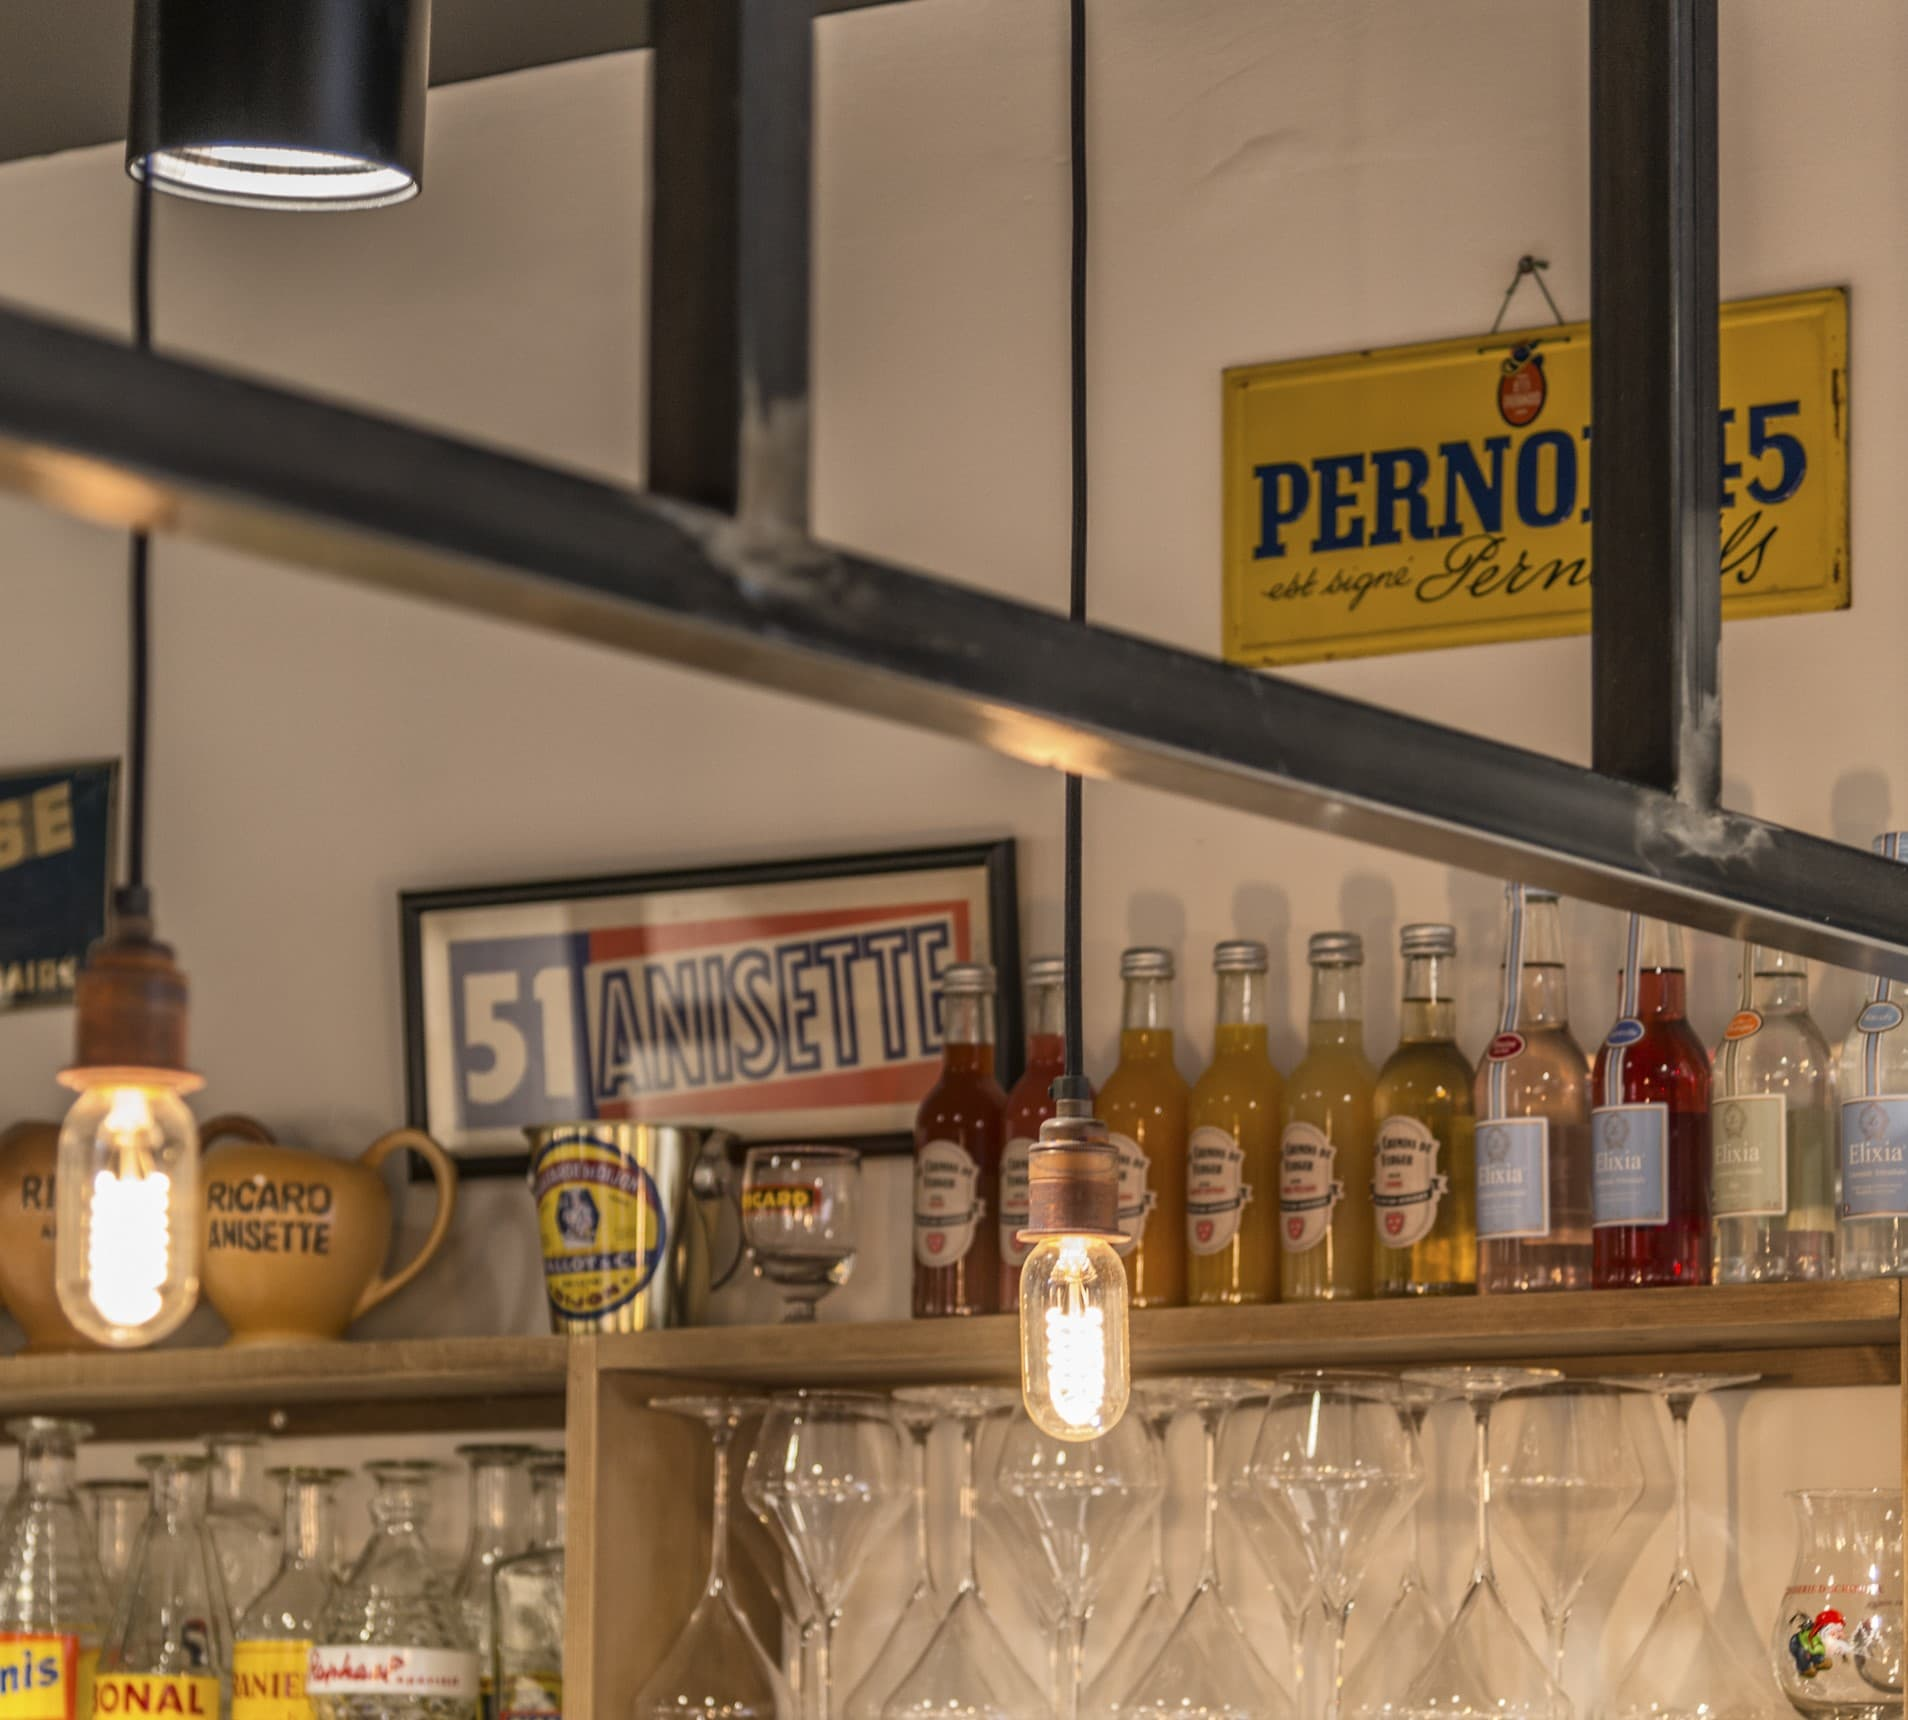 Suspensions en forme d'ampoule dans restaurant et épicerie Les évadés